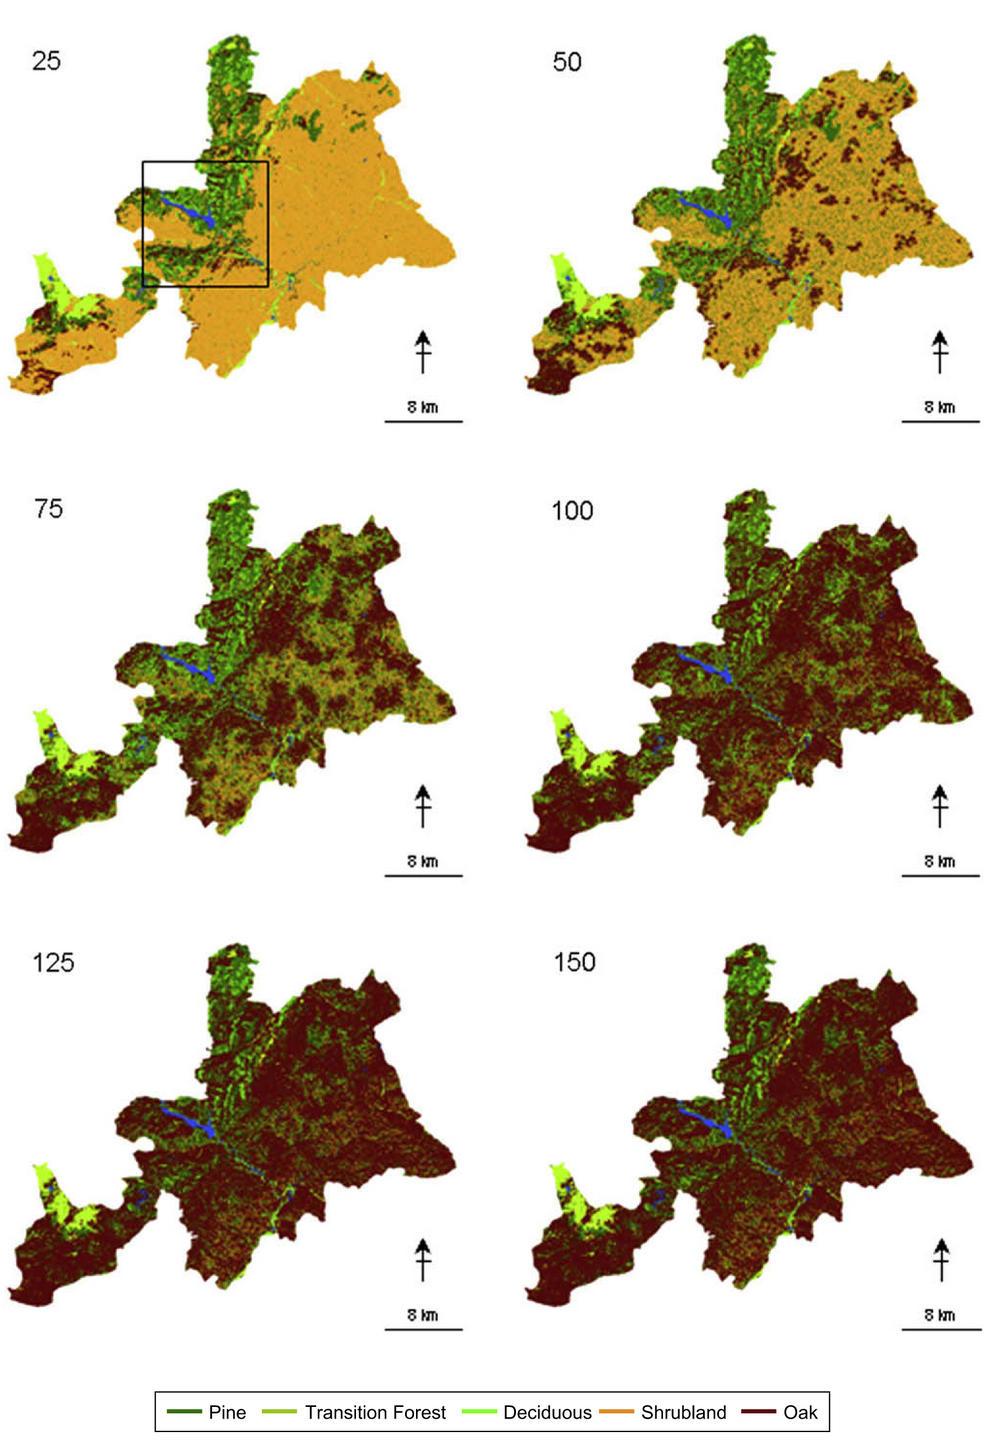 Representación espacial de los cambios en la vegetación a lo largo de varios años si no hubiera incendios ni perturbaciones en un paisaje del sudoeste de Madrid.